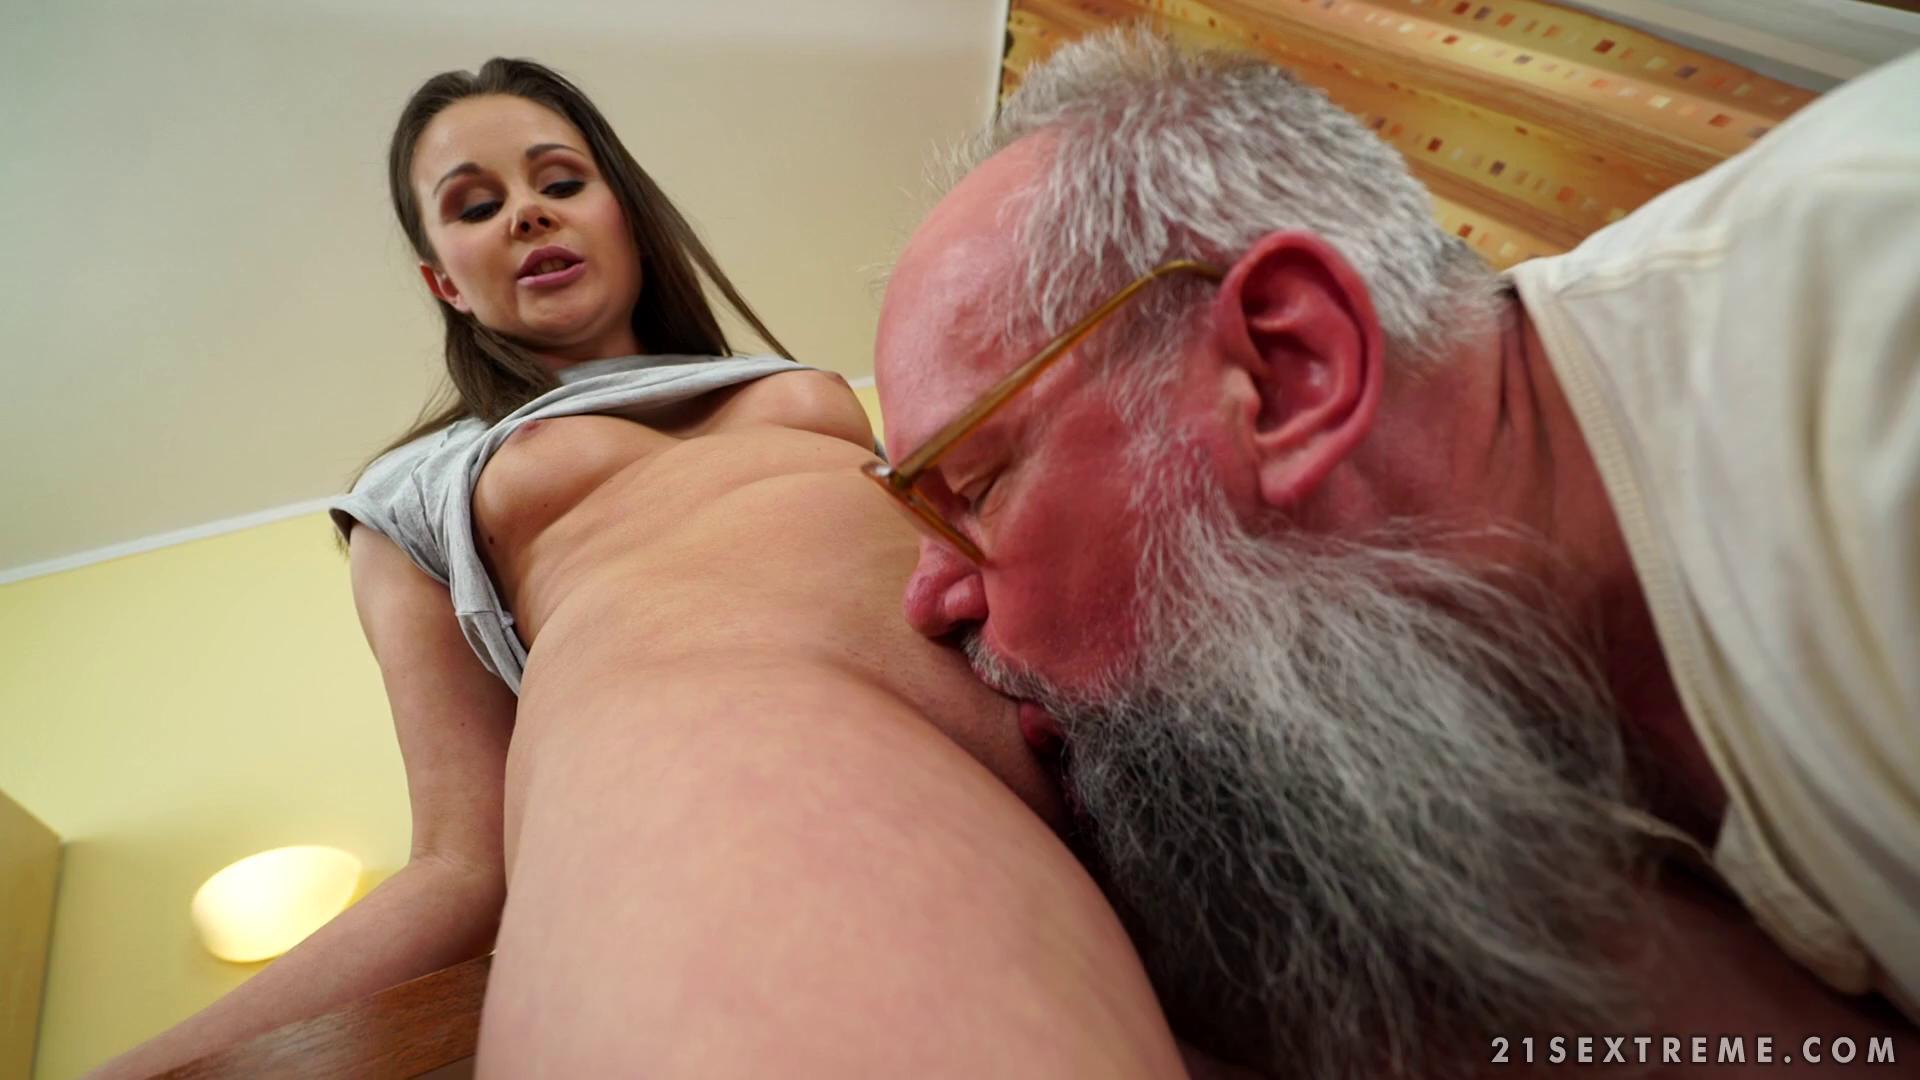 GrandpasFuckTeens – Liza Shay Tasting A Young Woman